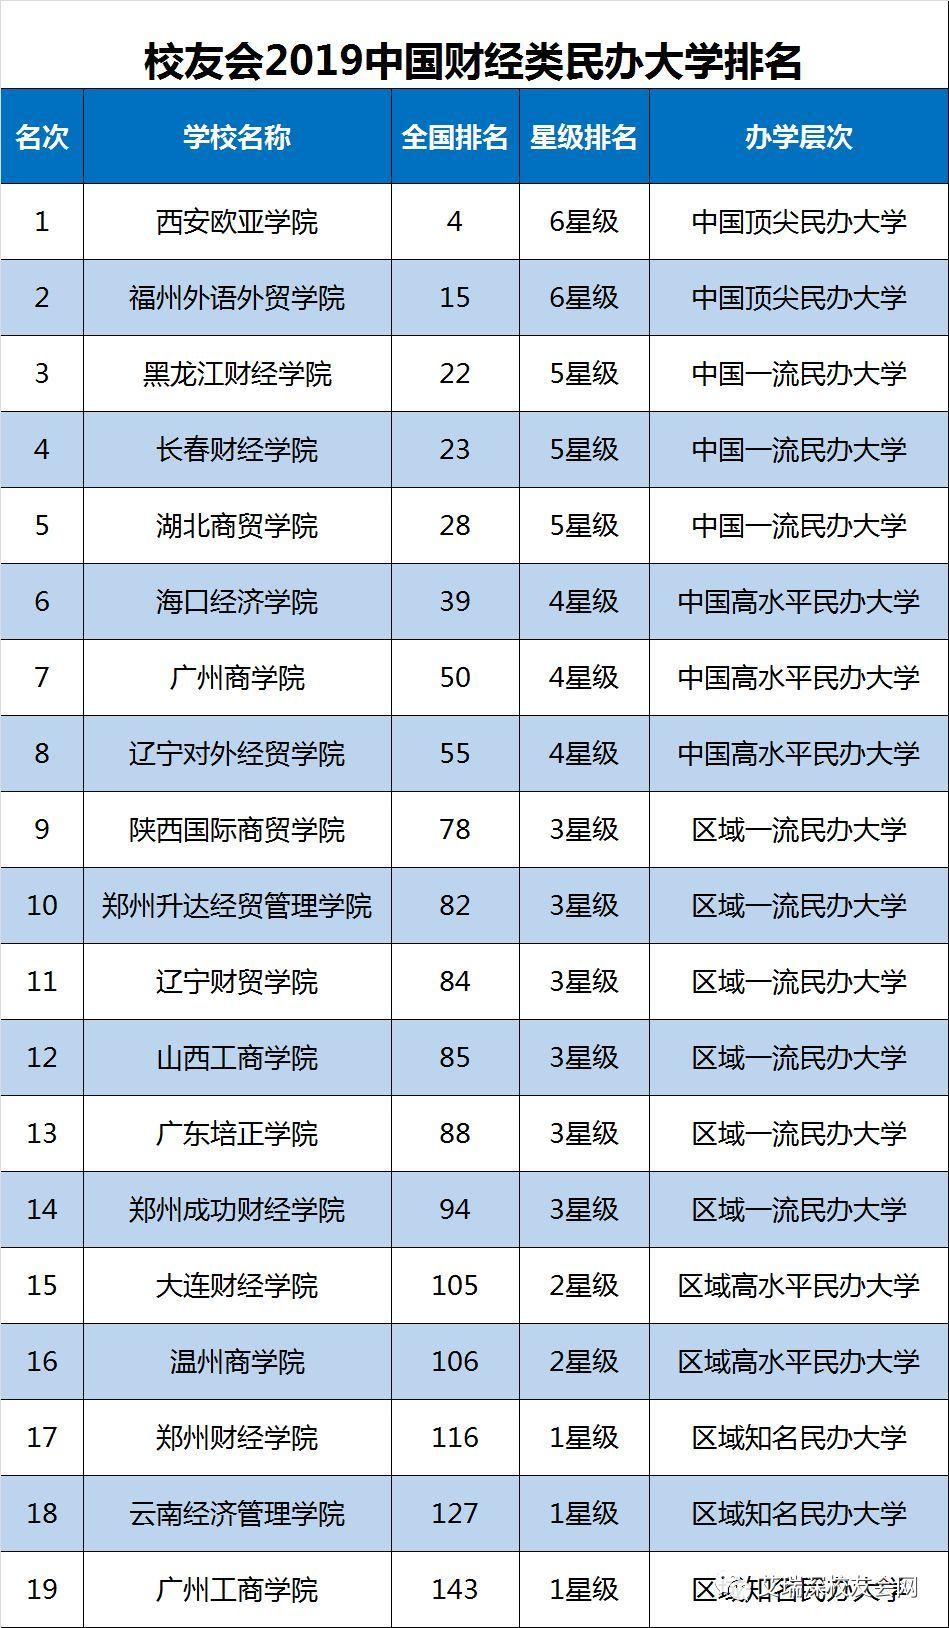 2019经济类专业排名_2019年财经类大学排名,排名第一的竟然是......